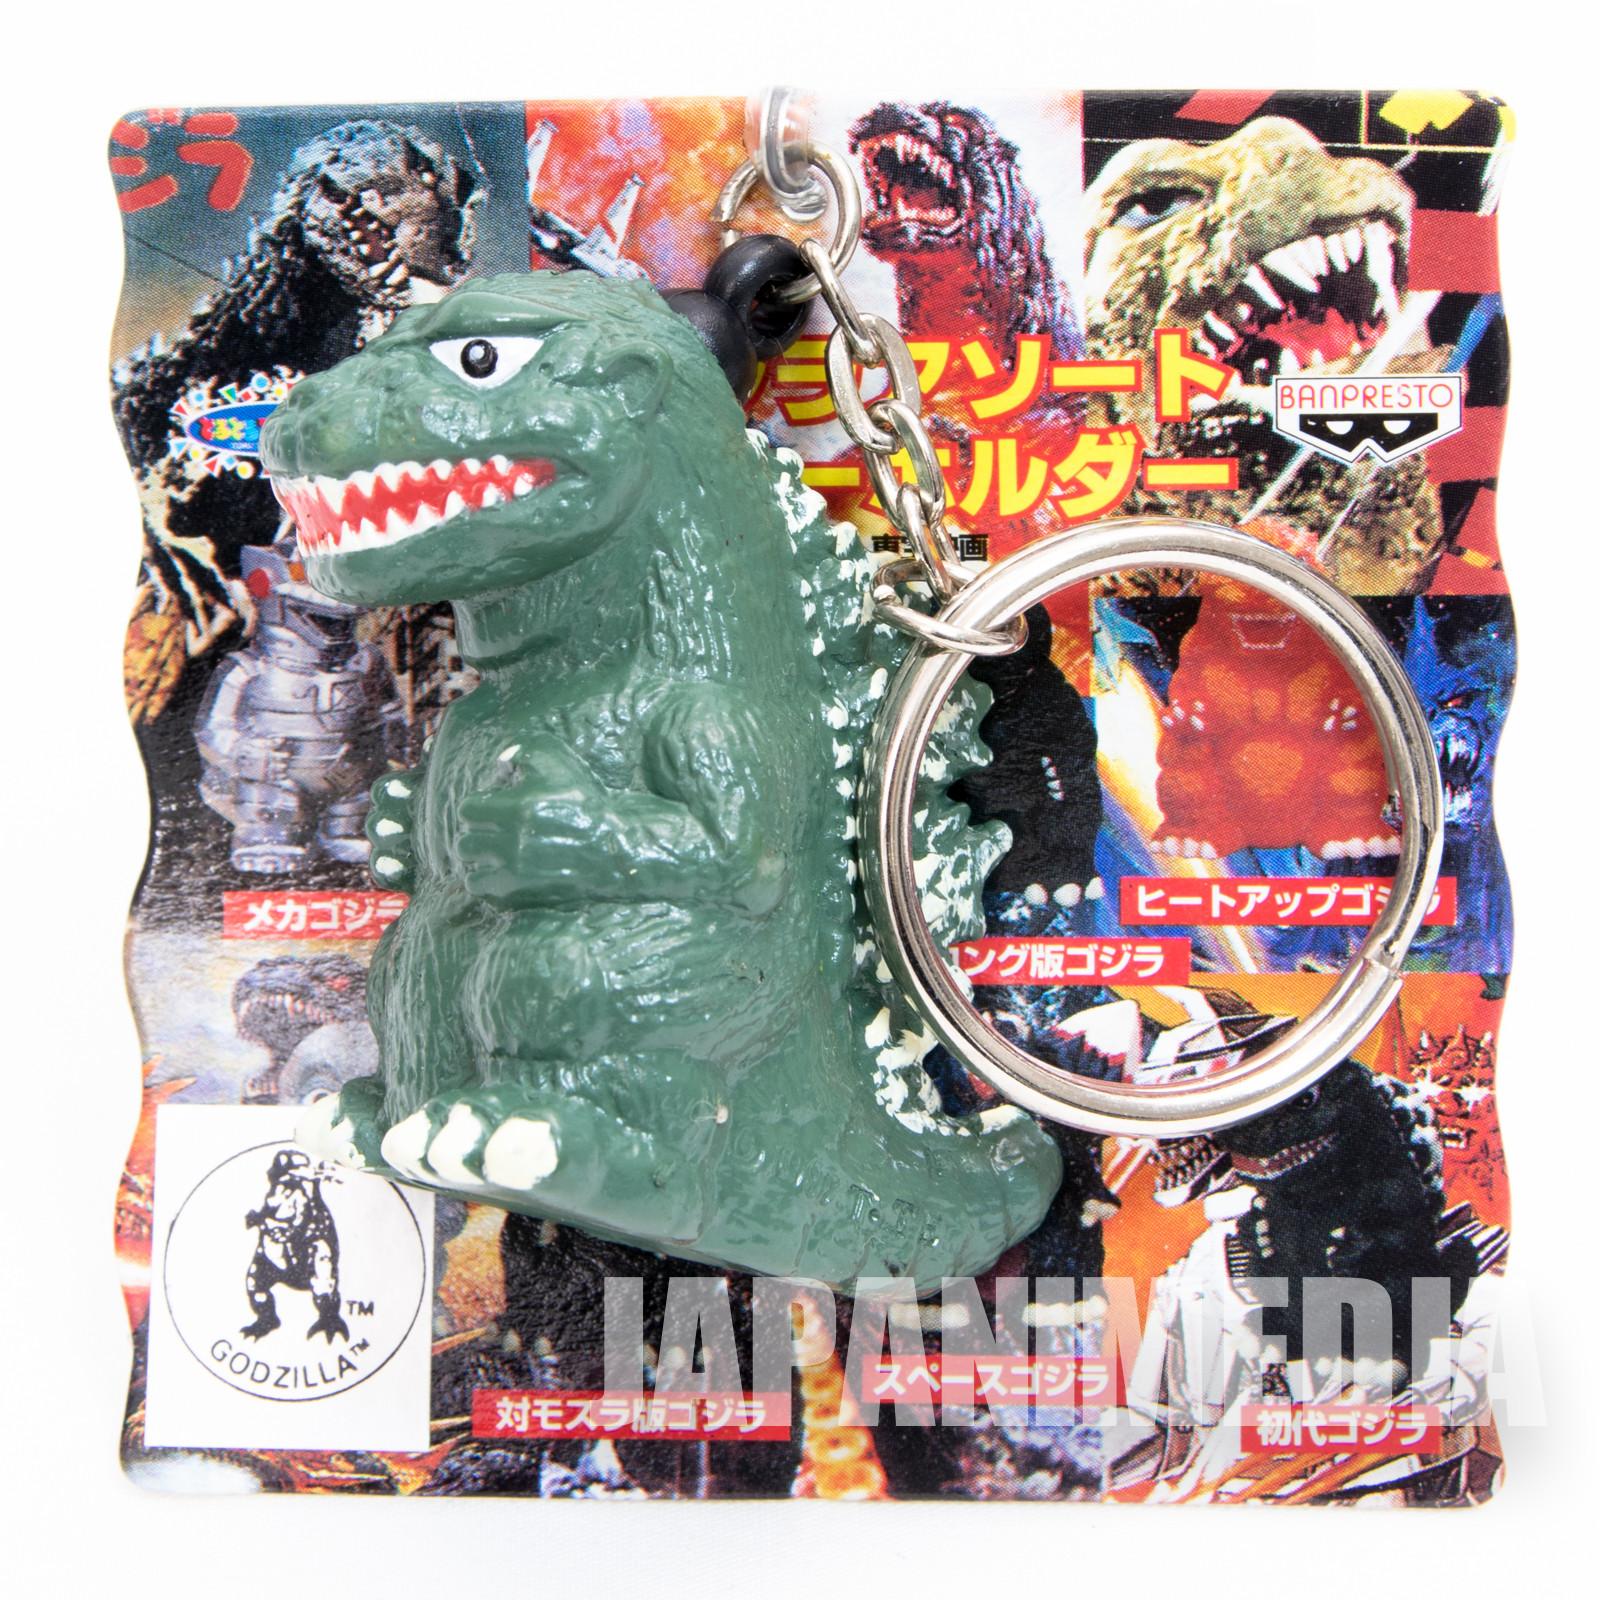 Godzilla First Movie Godzilla Mascot Figure Keychain JAPAN TOKUSATSU